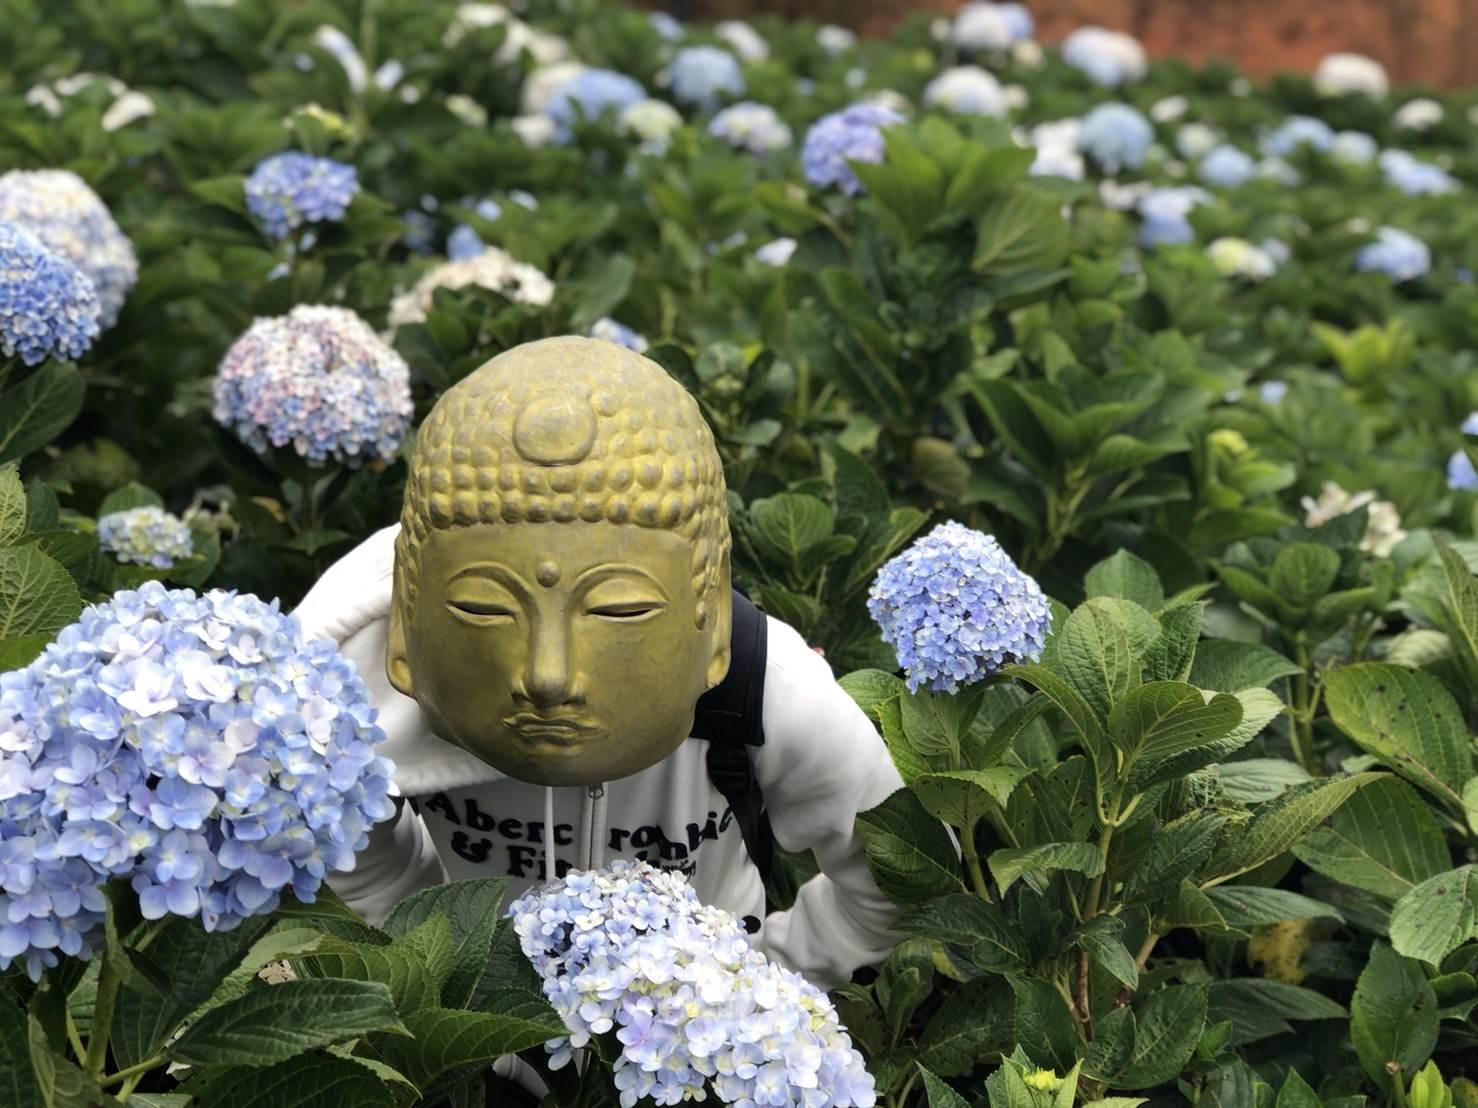 繡球花季︳越南繡球花-來大叻繡球花季拍IG打卡照不用人擠人